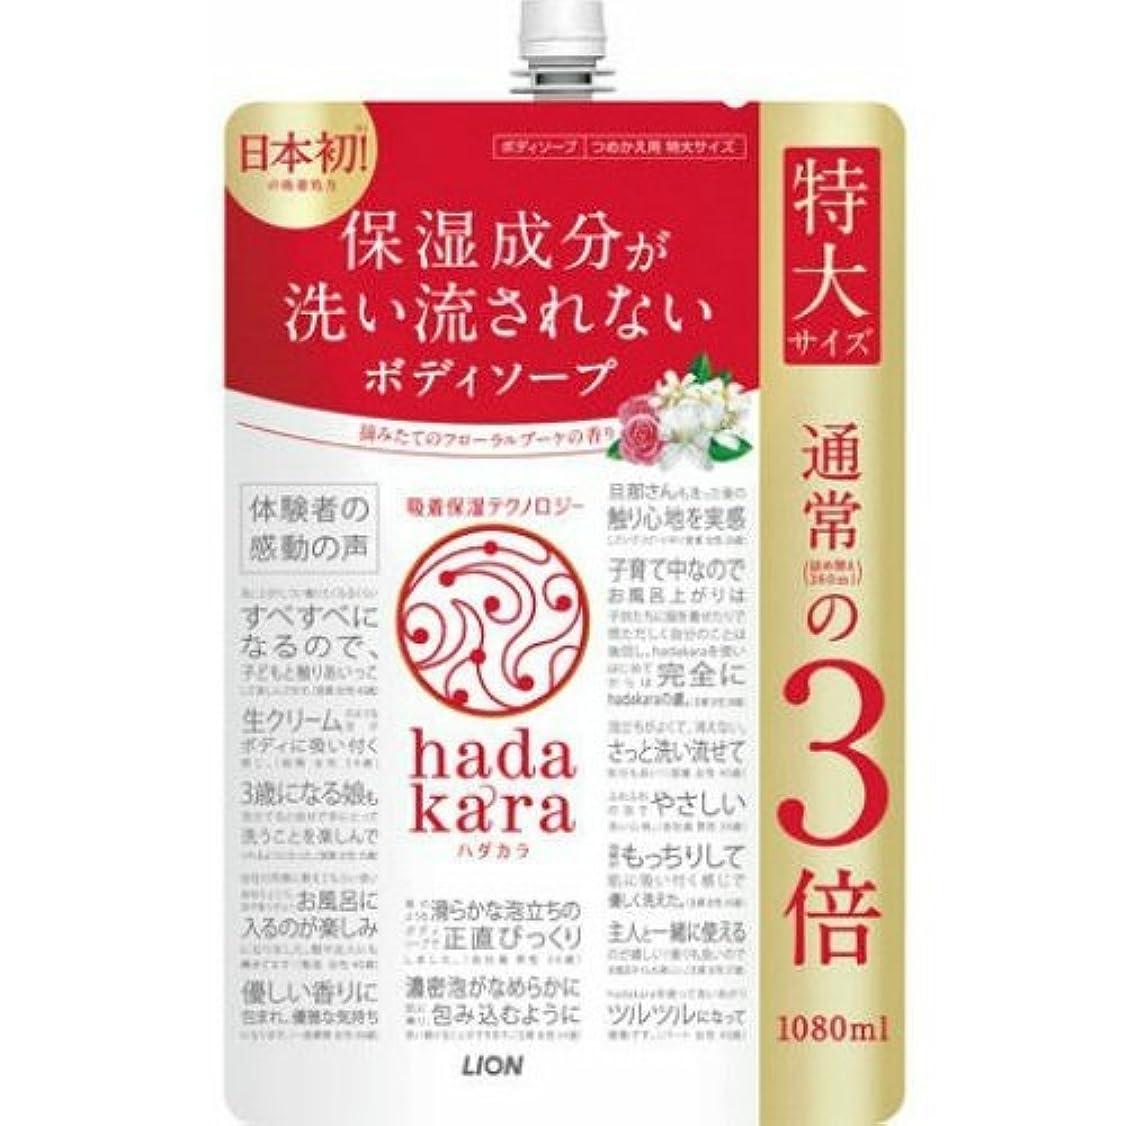 許可する開いた死んでいるLION ライオン hadakara ハダカラ ボディソープ フローラルブーケの香り つめかえ用 特大サイズ 1080ml ×006点セット(4903301260875)